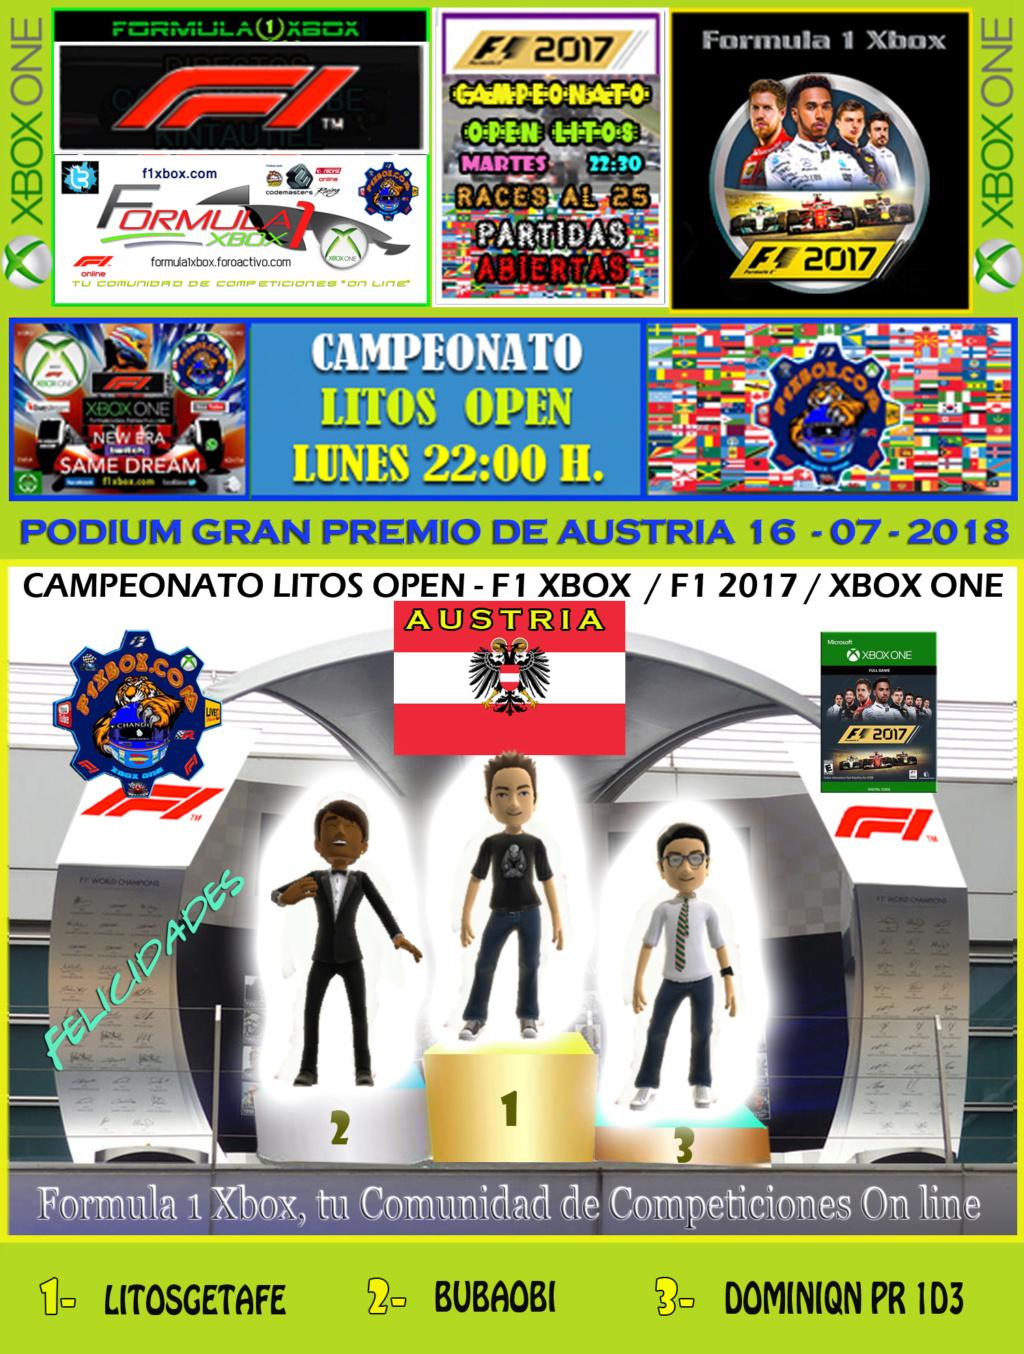 F1 2017 - XBOX ONE / CAMPEONATO LITOS OPEN - F1 XBOX / RESULTADOS Y PODIUM / G.P. DE AUSTRIA + GP DE BÉLGICA / LUNES 16 - 07 - 2018. Podium24